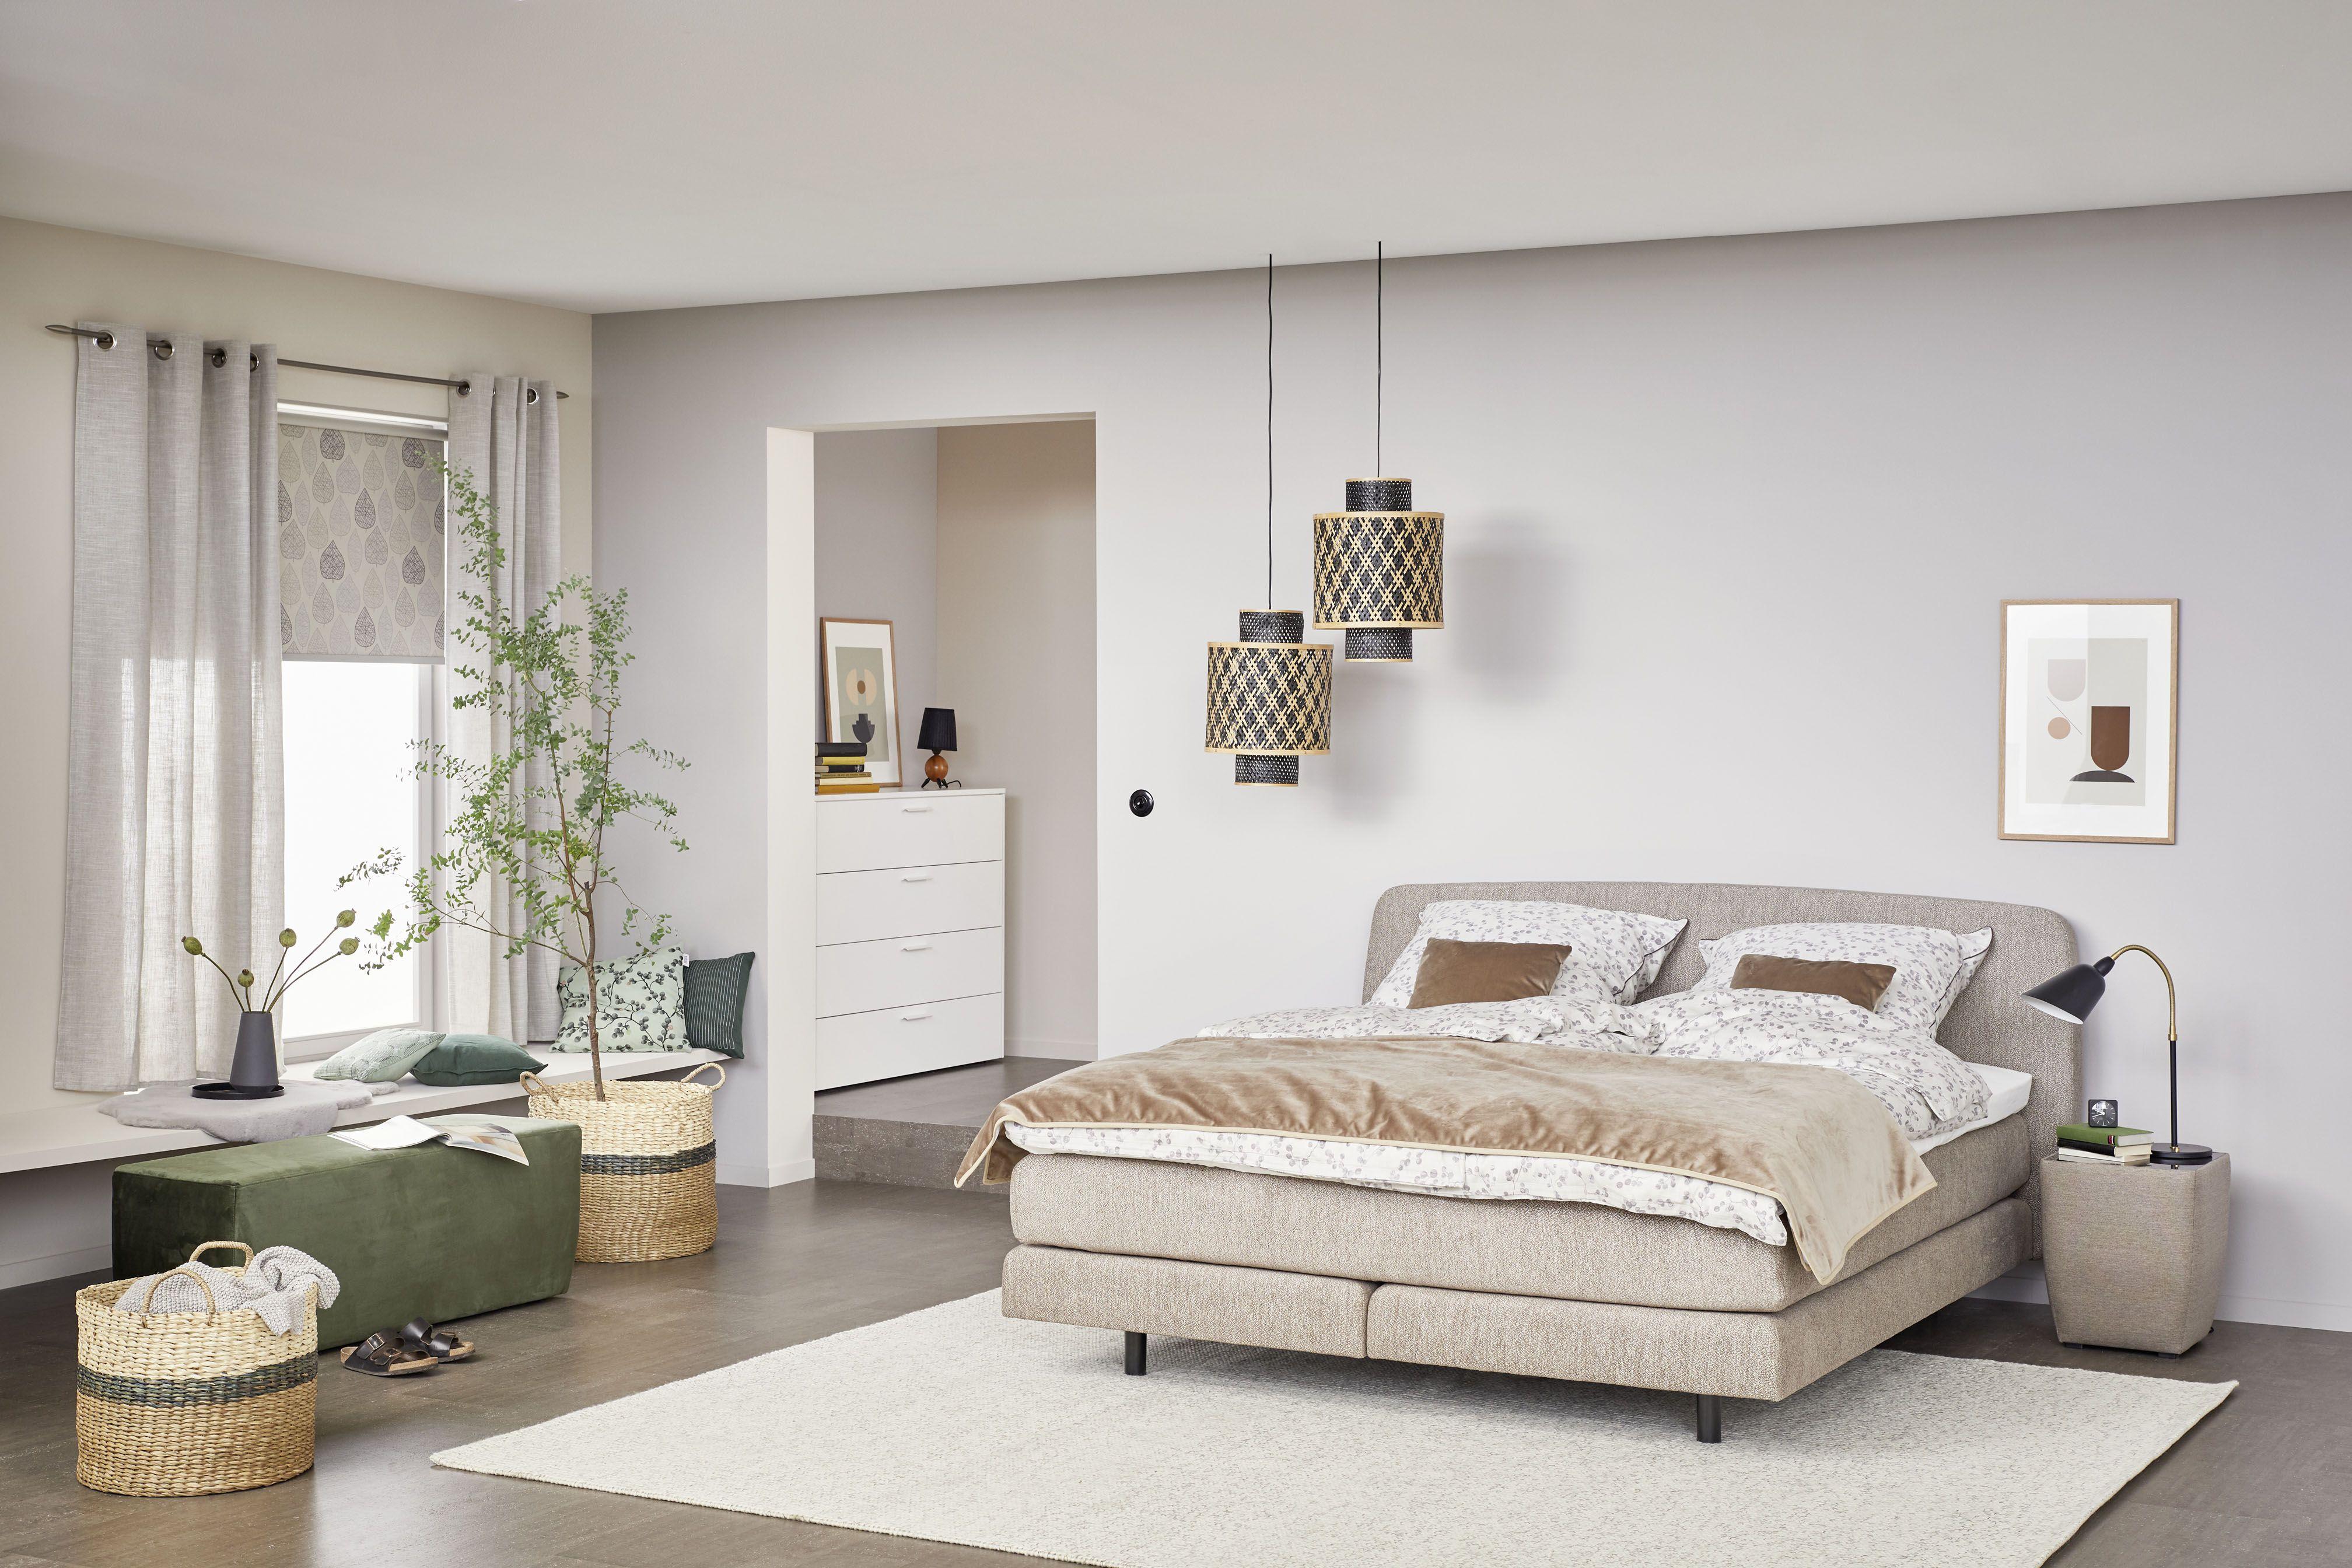 Eine Atmosphare Zum Abschalten Und Ein Bettsystem Auf Dem Sich Die Muskeln Entspannen Konnen So Kommt Man Wohnen Schoner Wohnen Und Haus